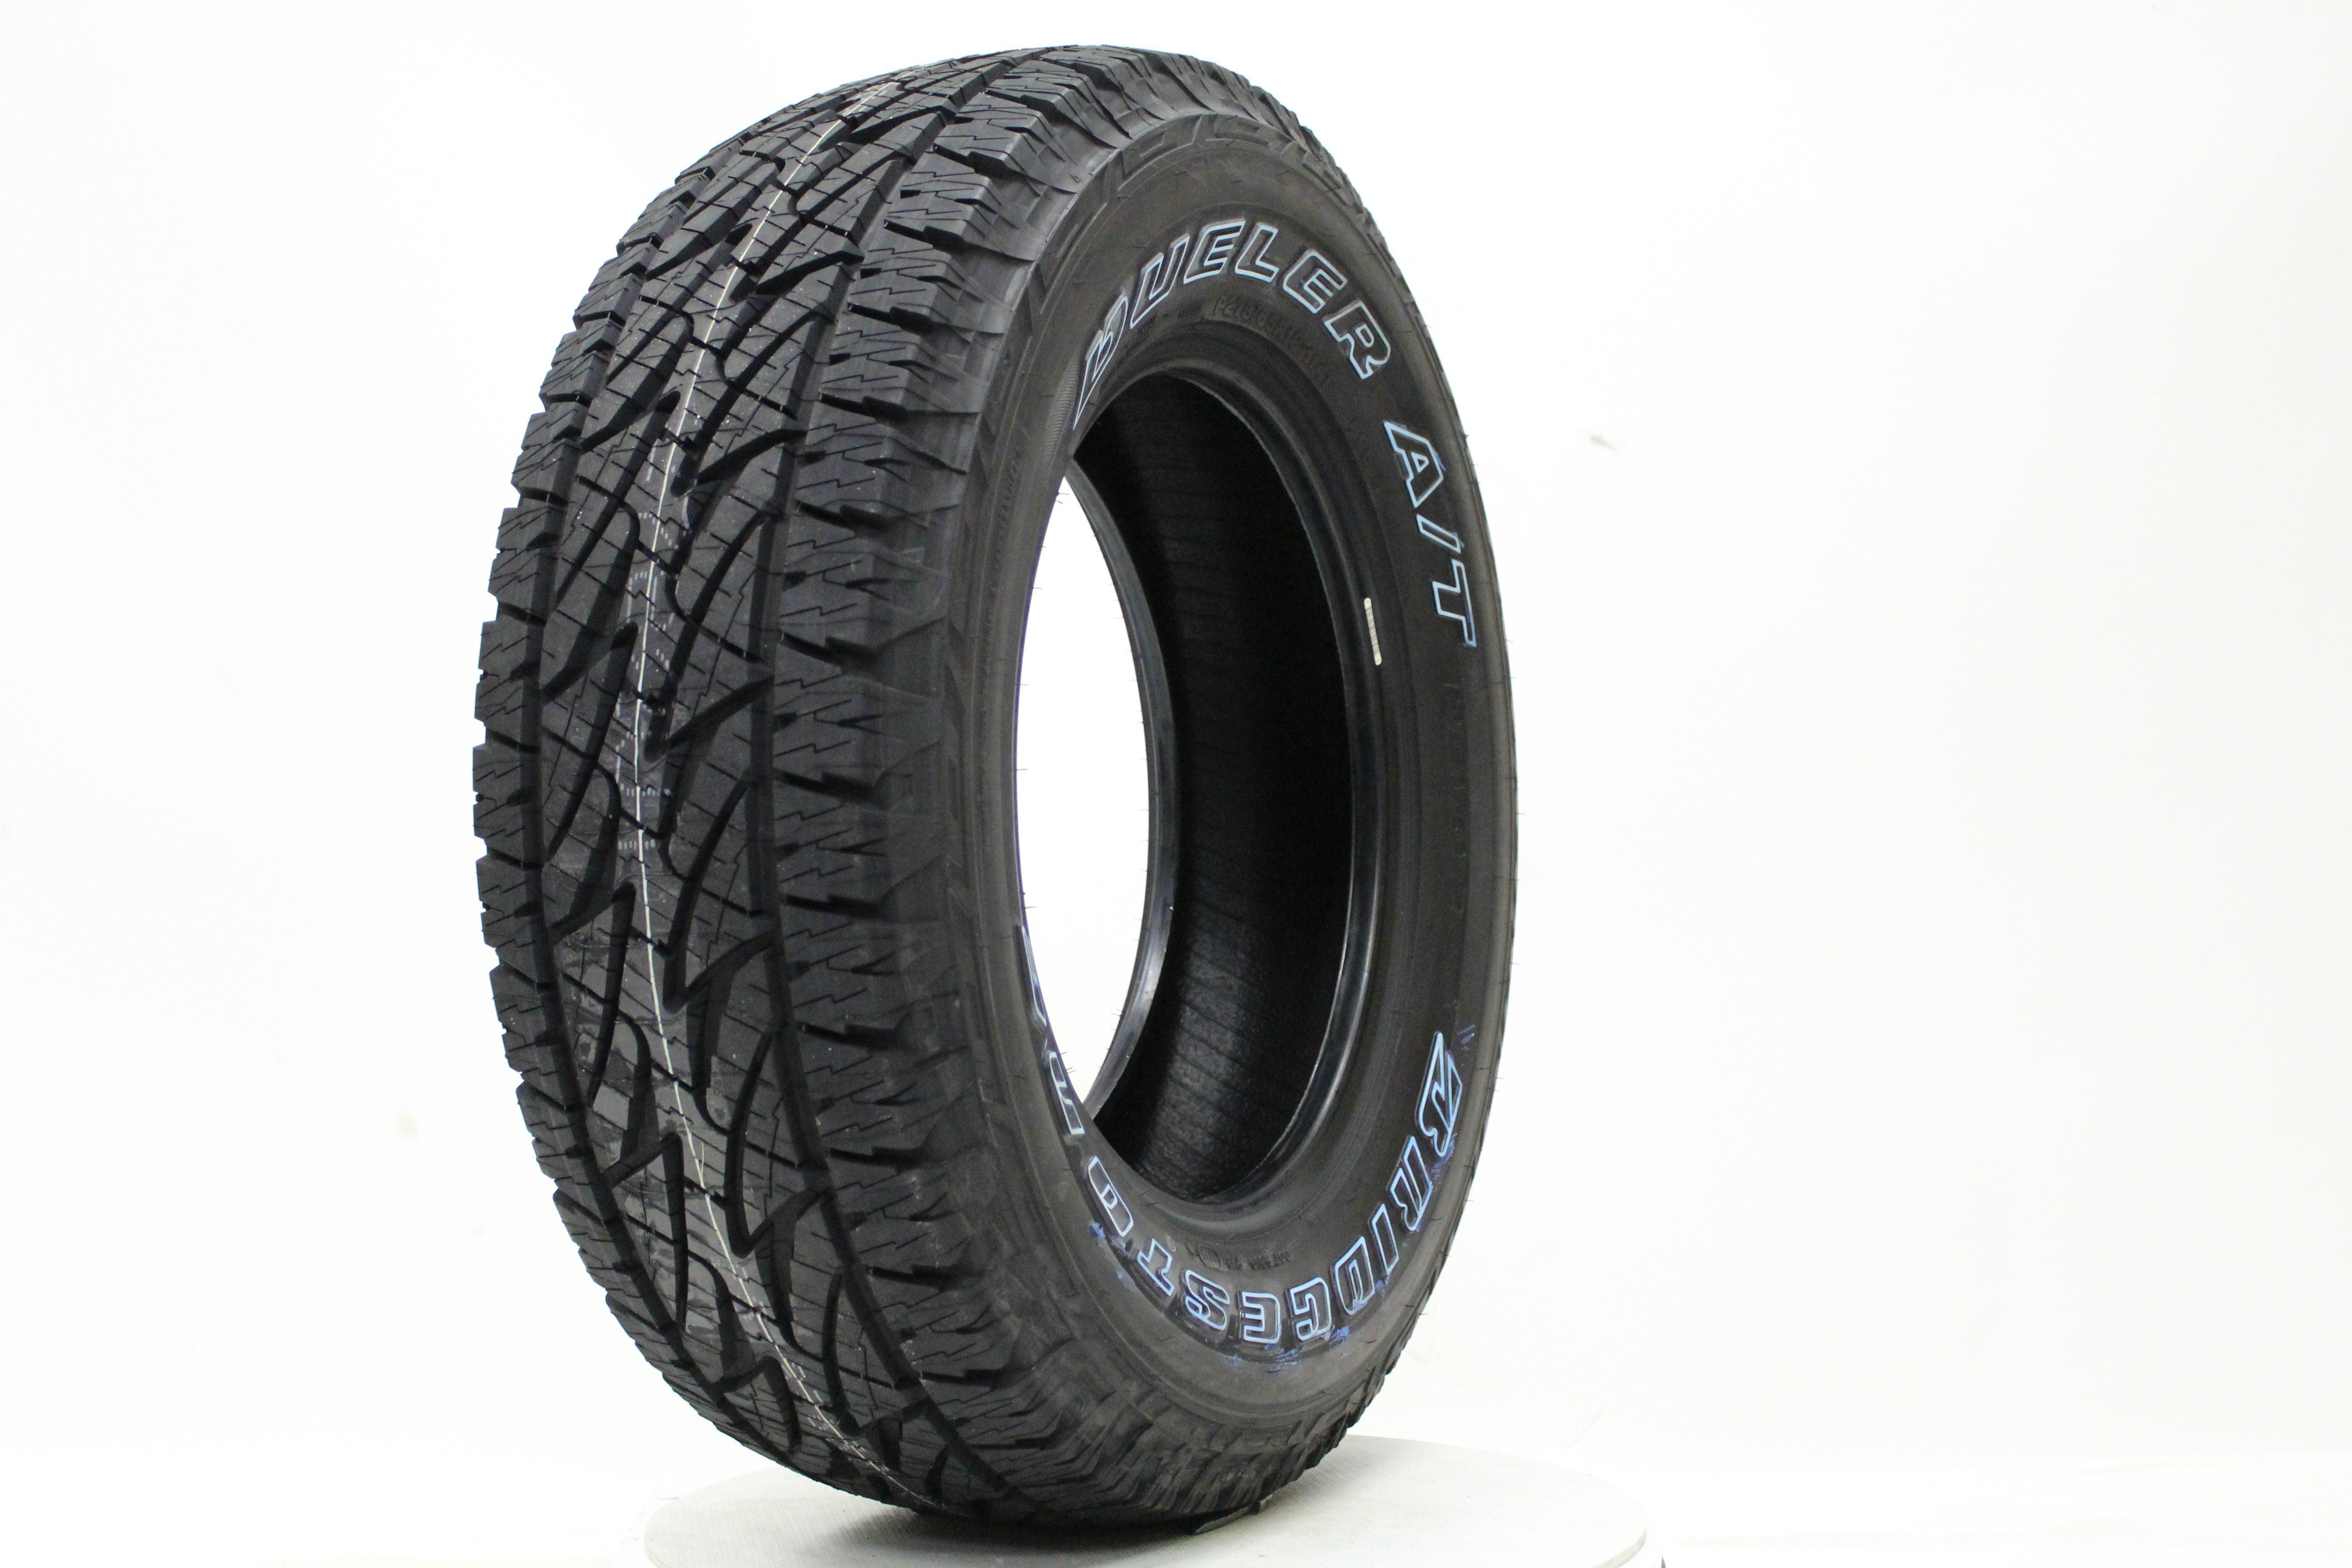 Bridgestone Dueler A T Revo 2 LT275 70R18 10 Tire 125S Walmart